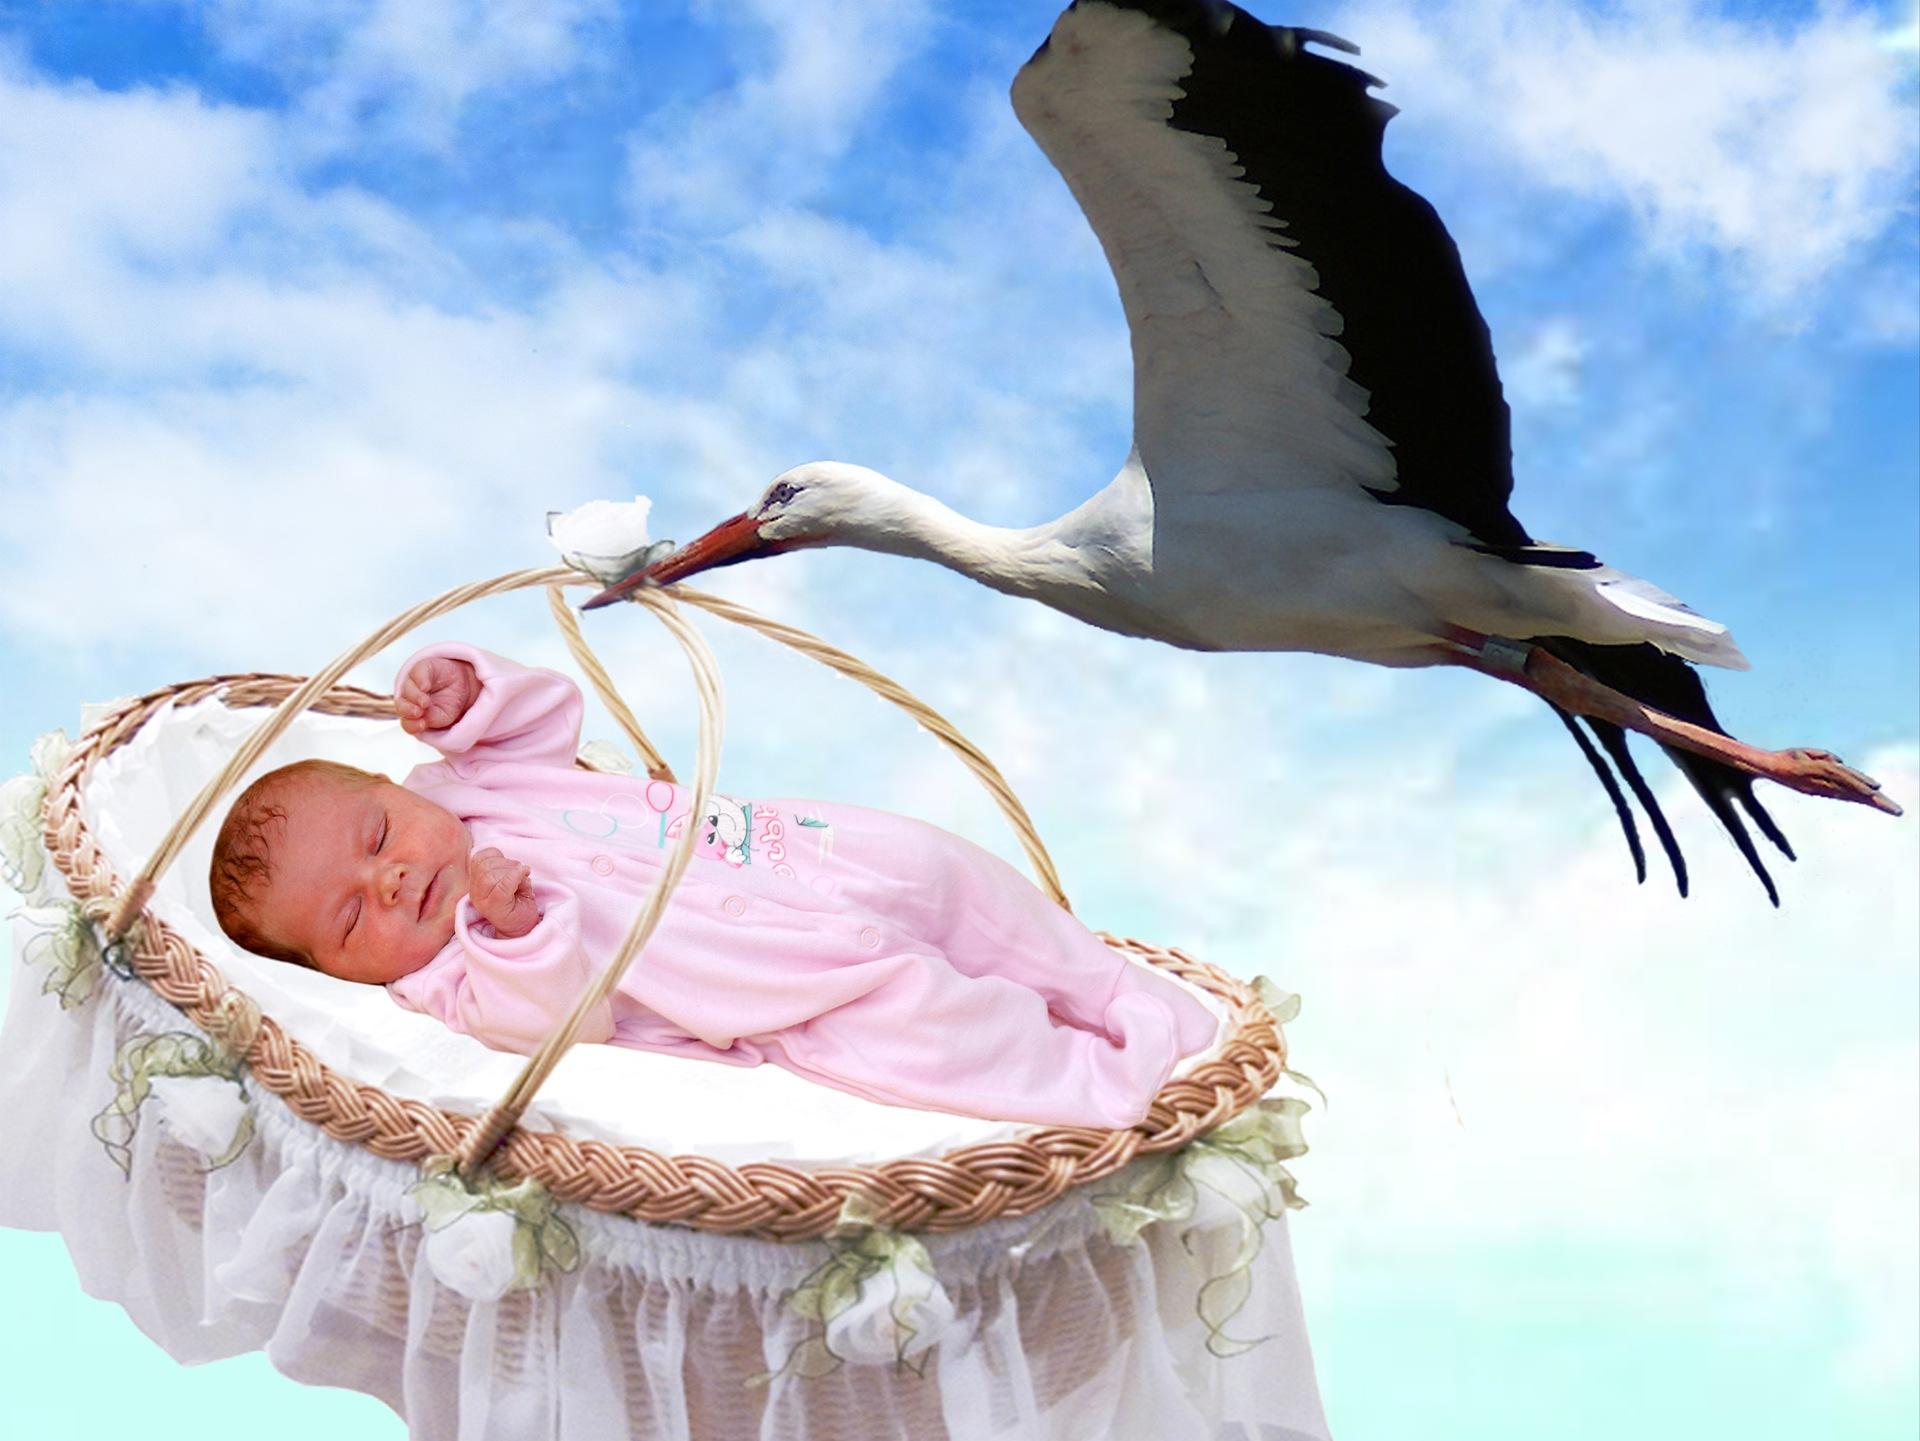 Картинки с младенцами красивые с аистом, картинки цветочки днем